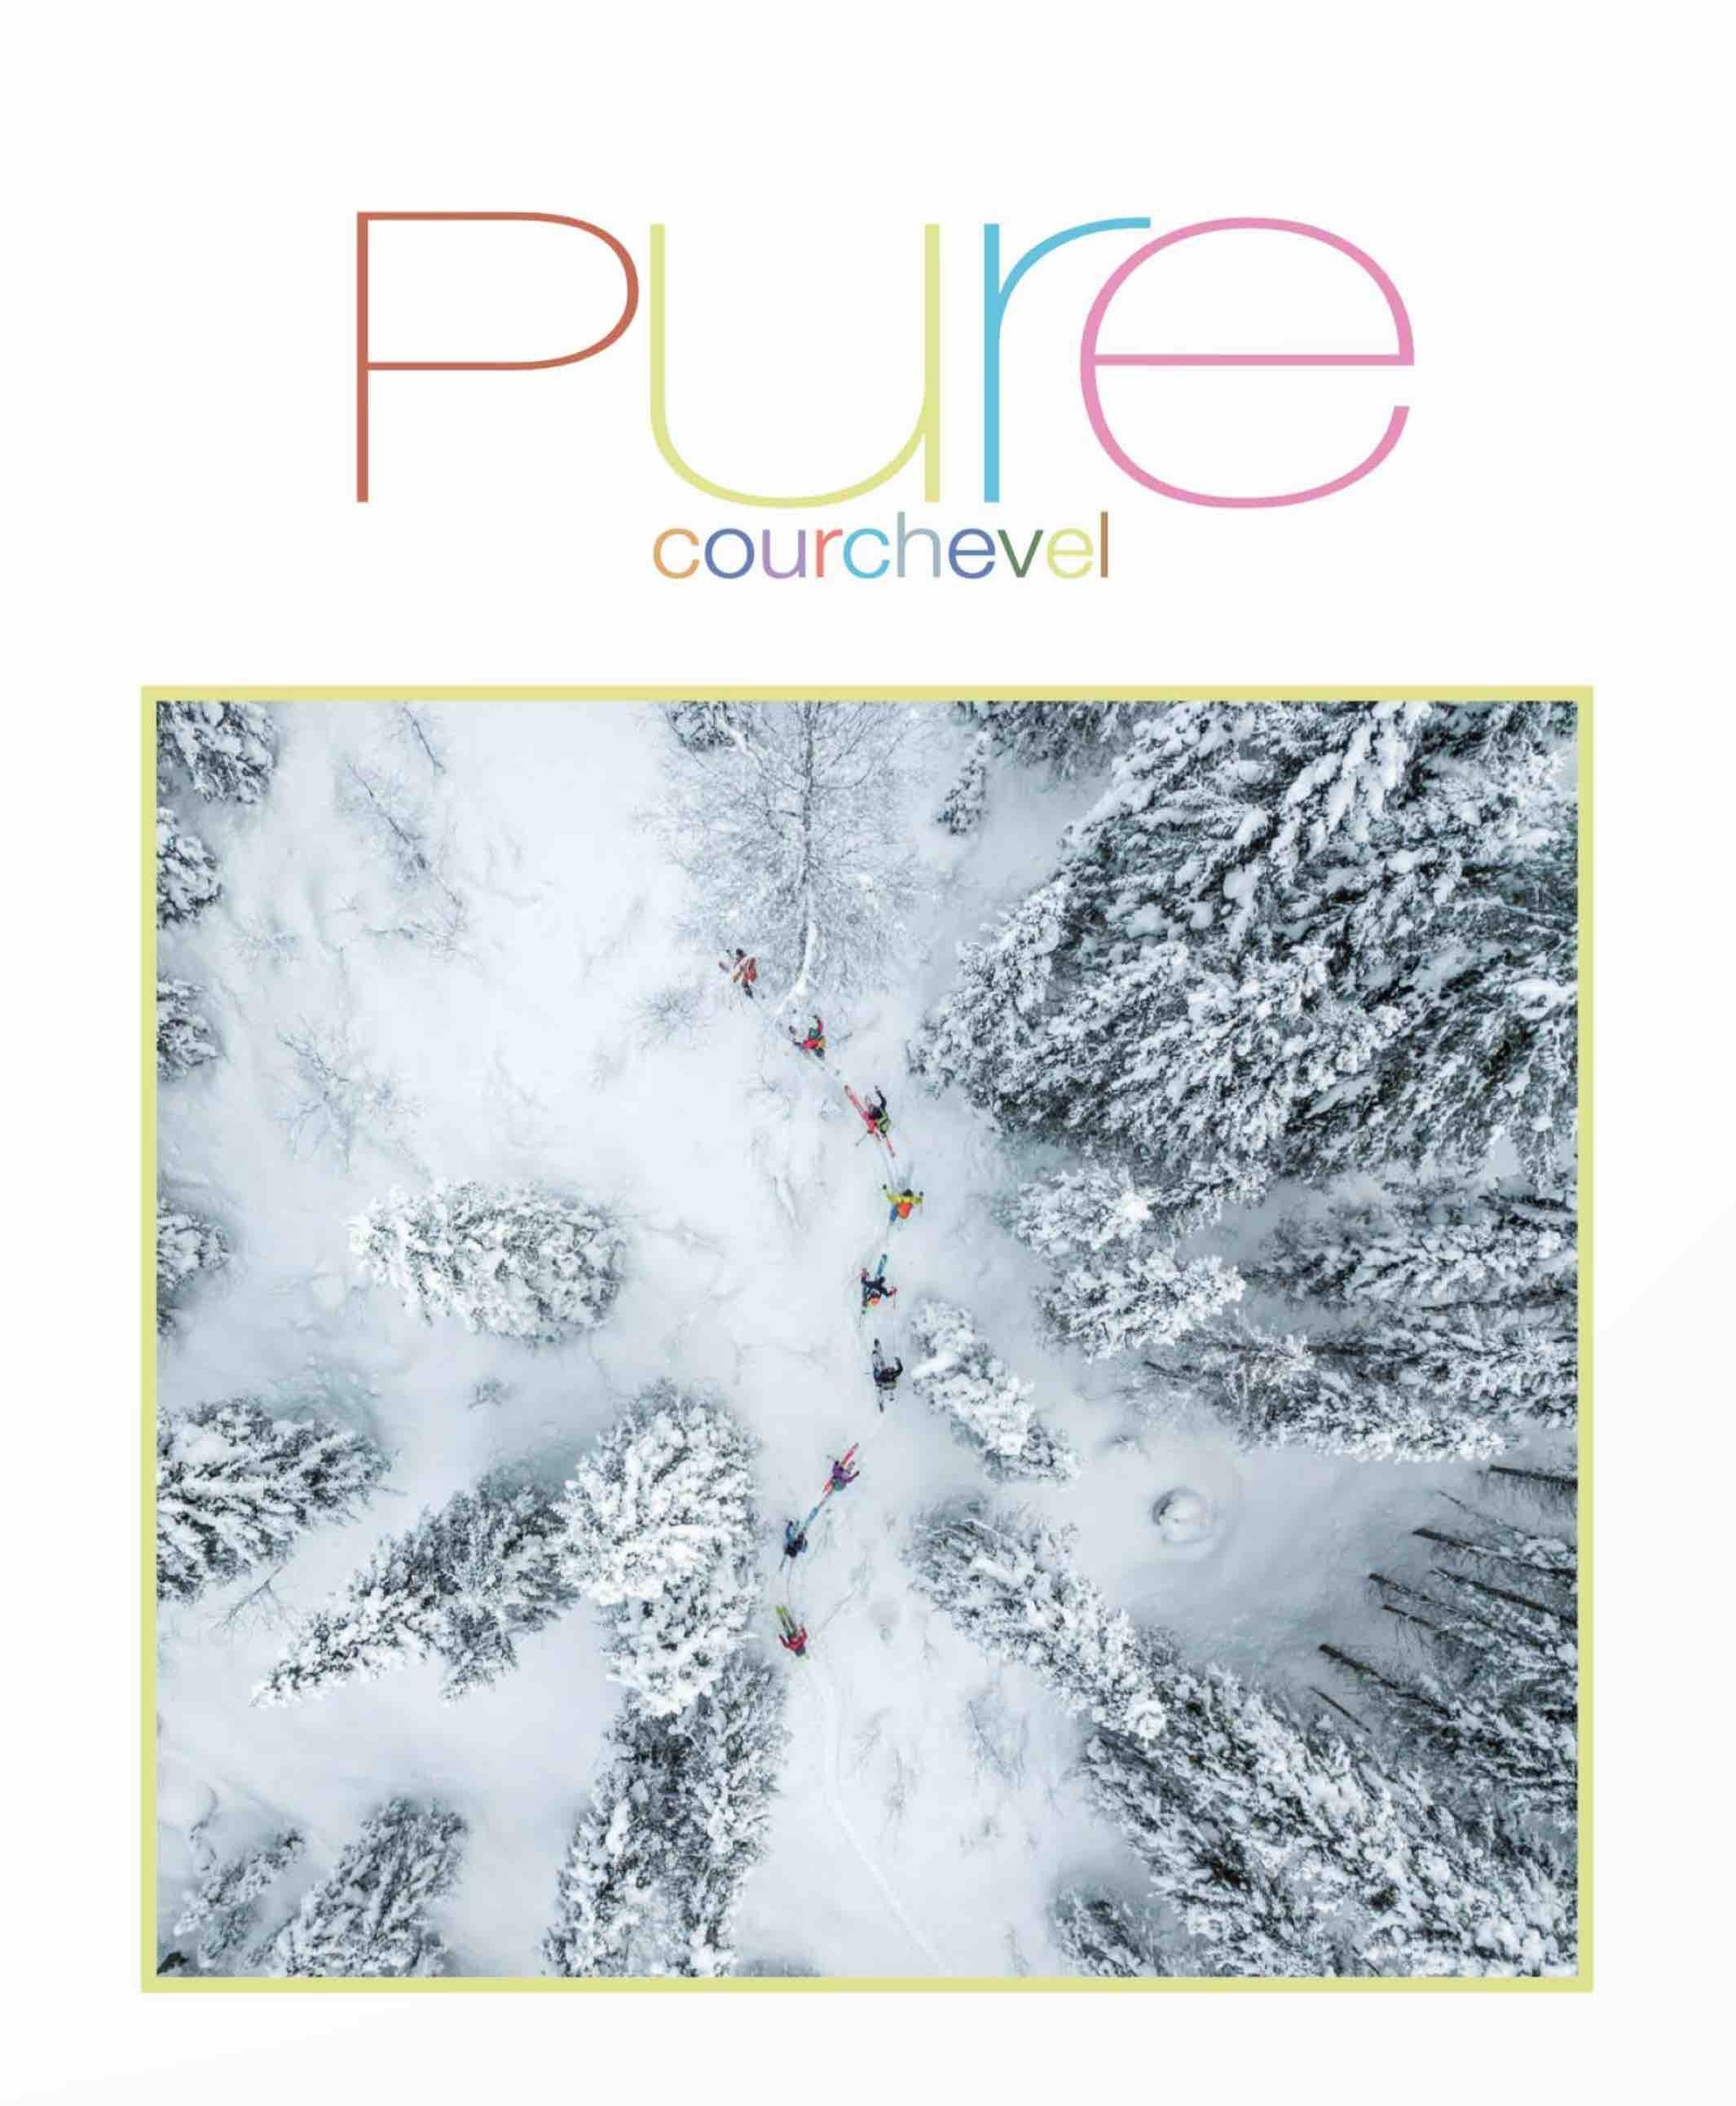 Pure Courchevel